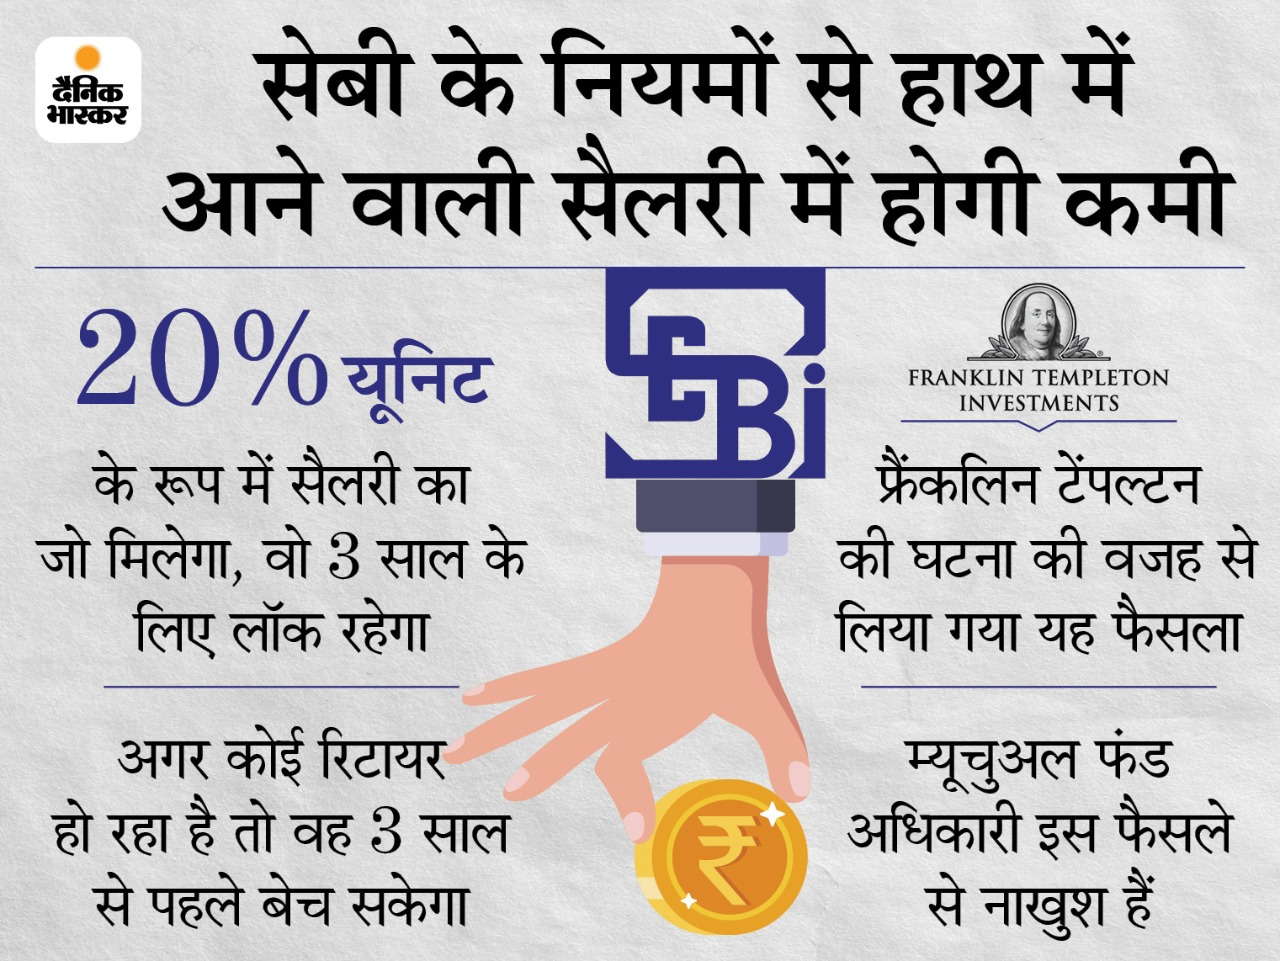 सेबी के नए नियम से म्यूचुअल फंड के अधिकारी खफा, सैलरी का 20% स्कीम की यूनिट के रूप में लेना होगा|बिजनेस,Business - Dainik Bhaskar